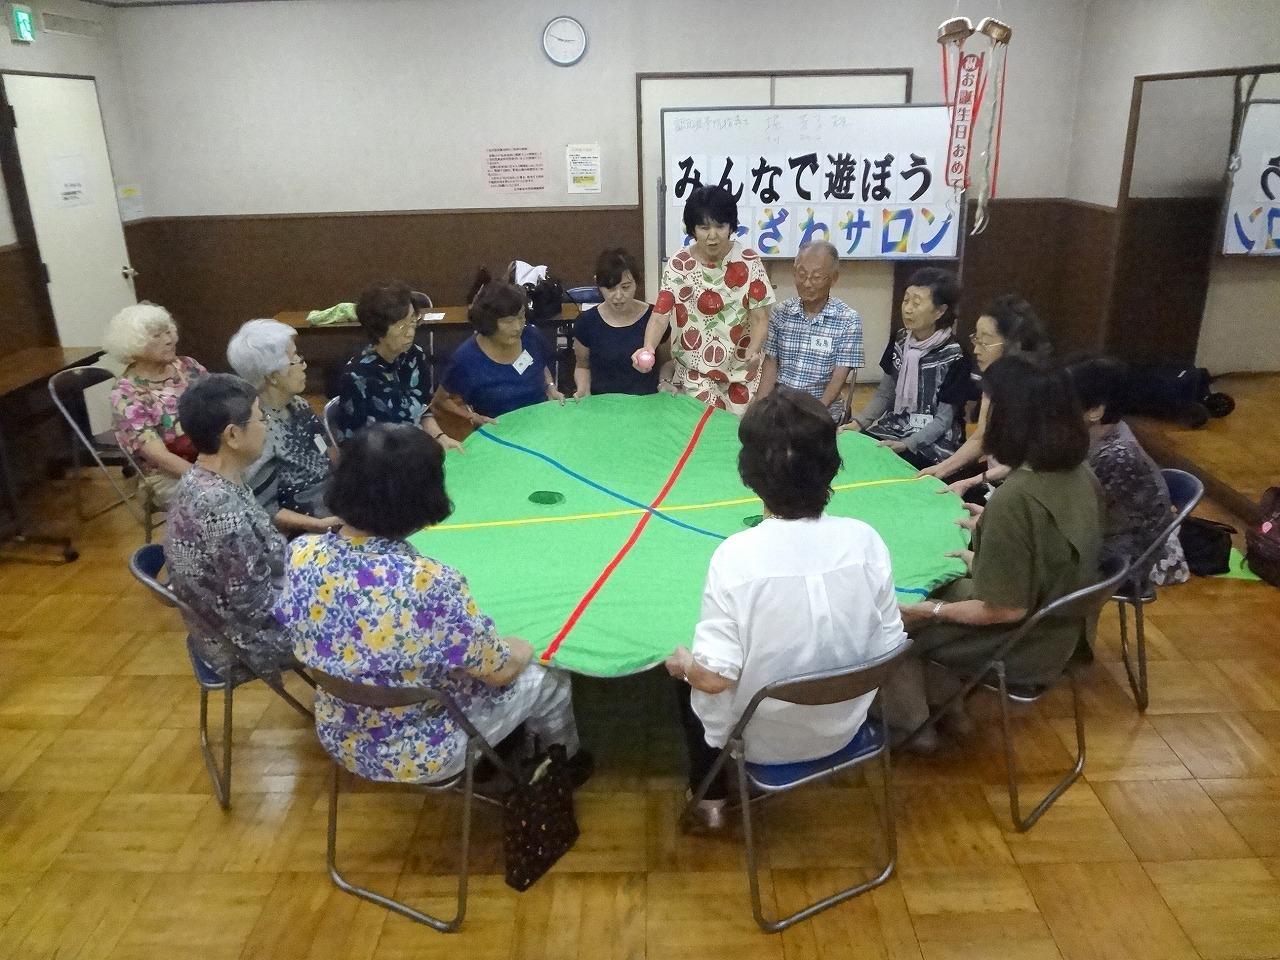 101-6kitazawasalon